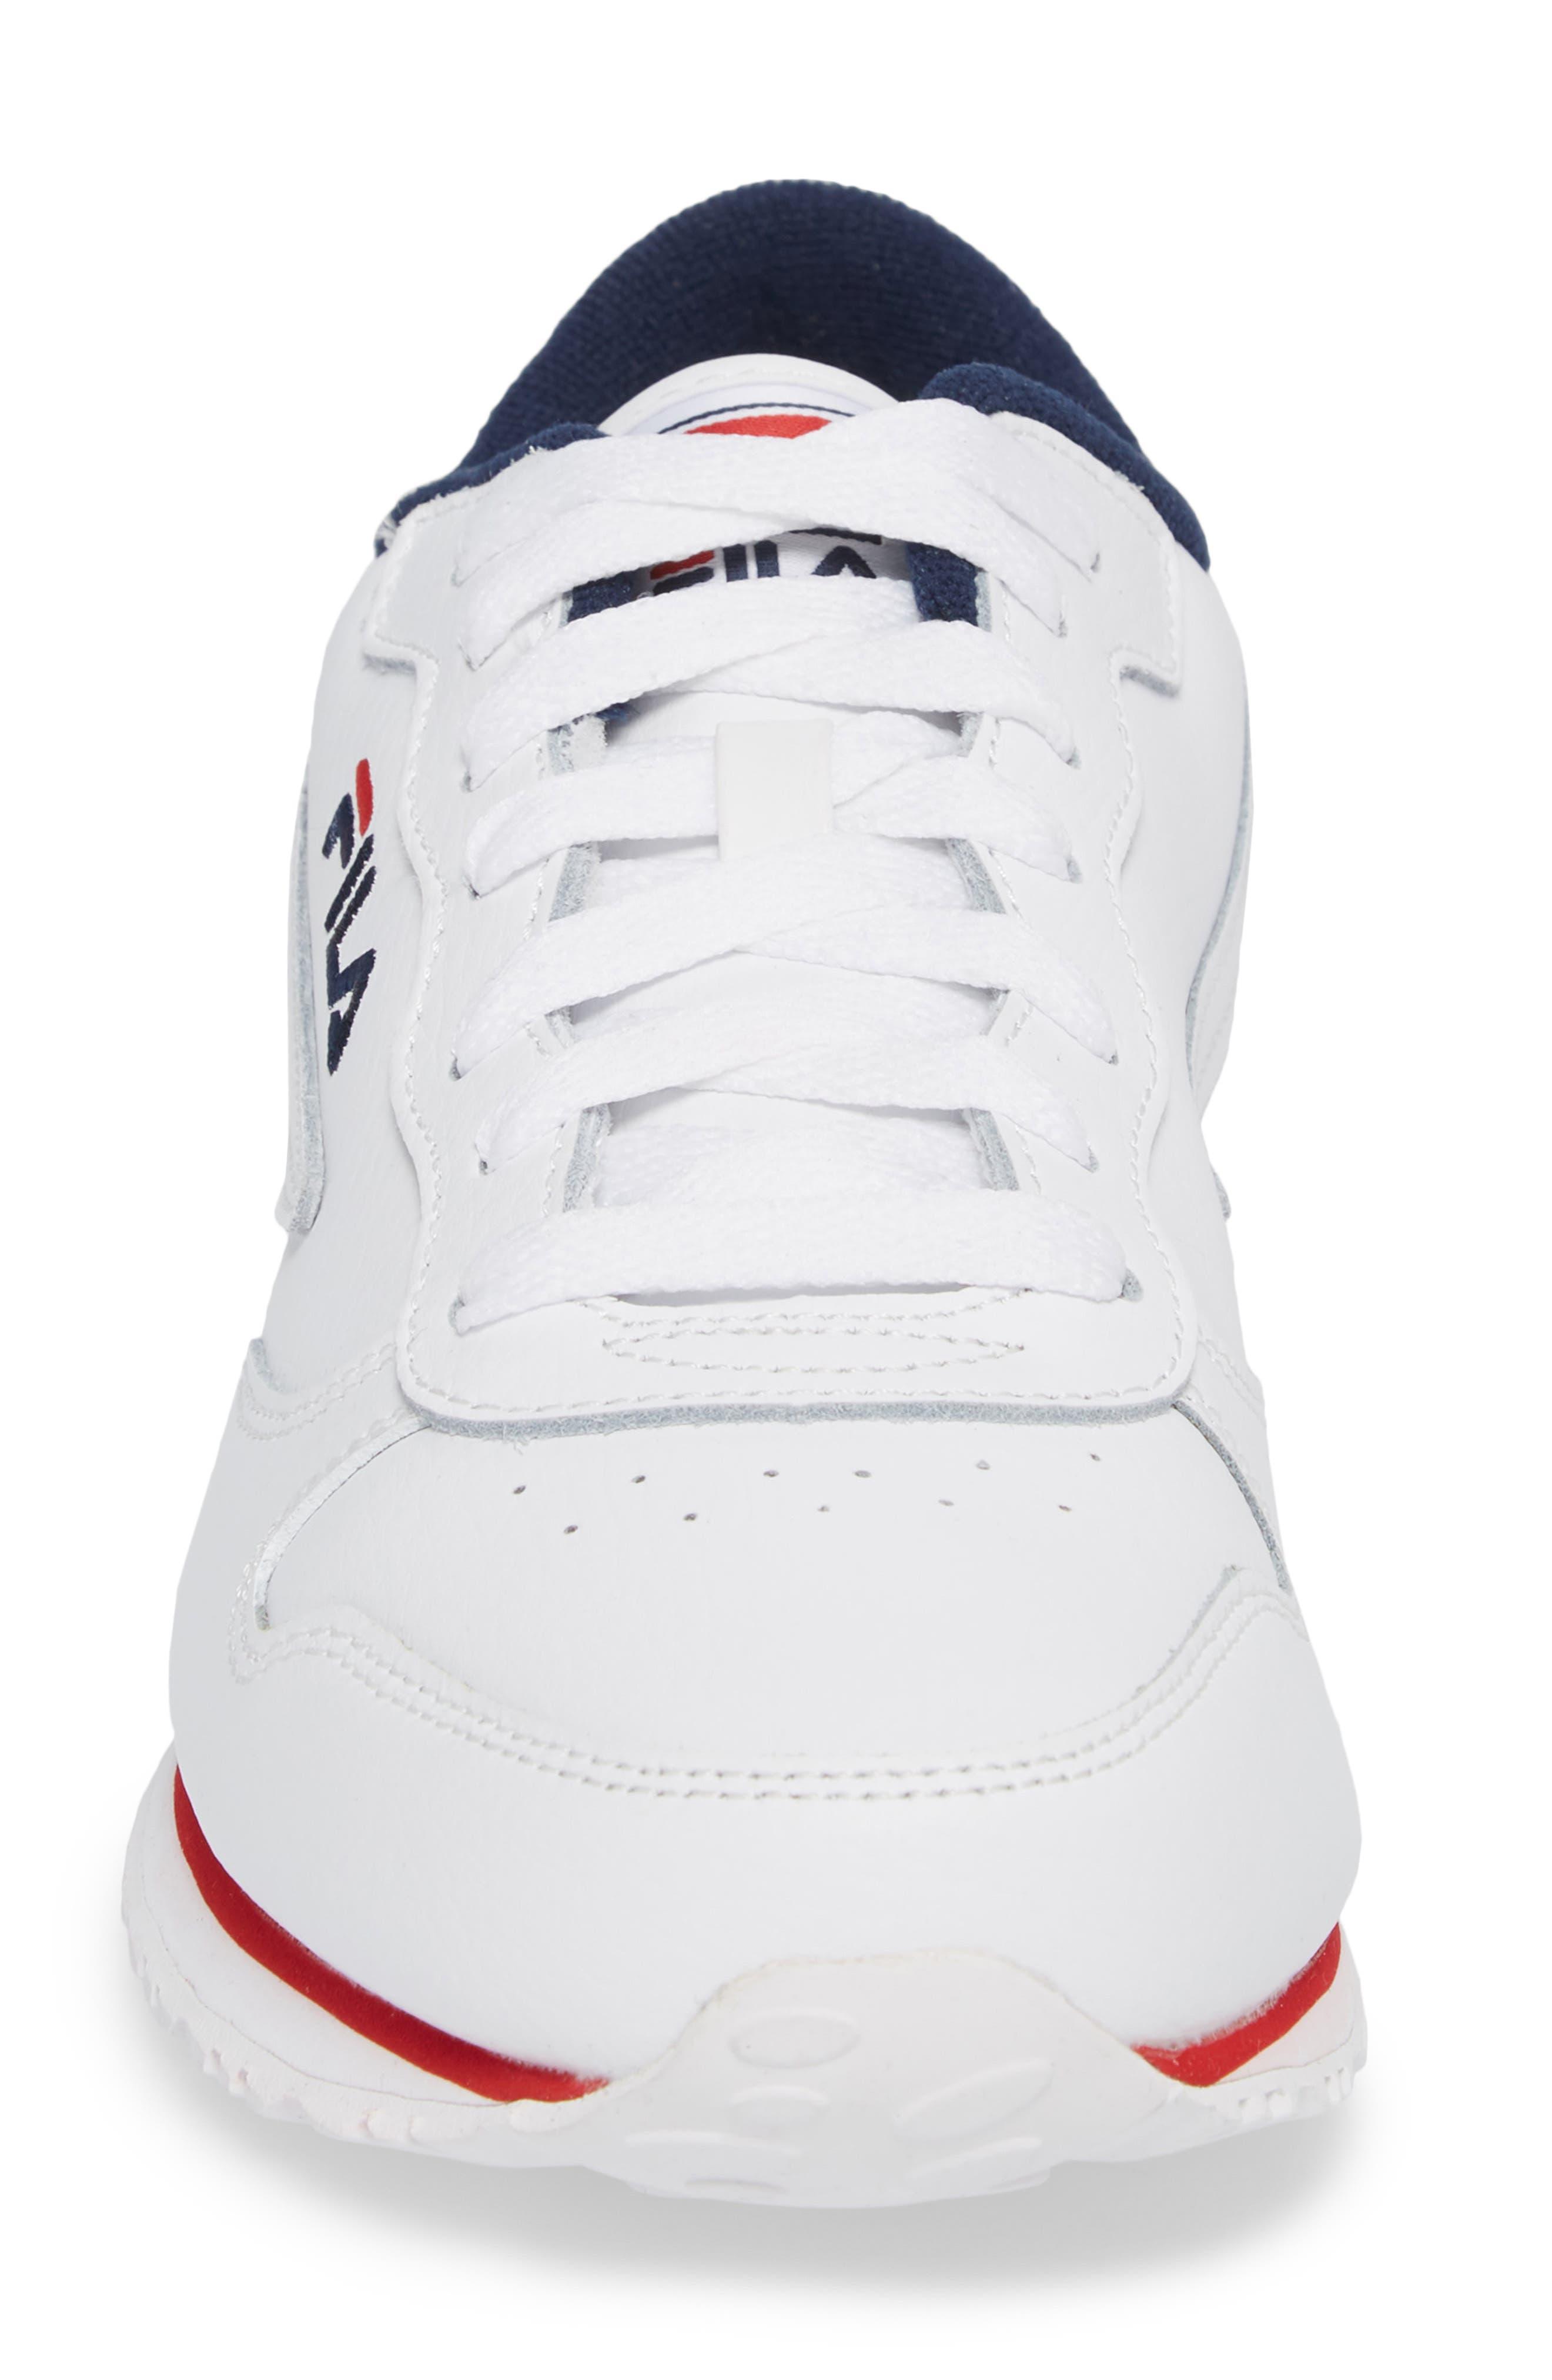 Euro Jogger Sneaker,                             Alternate thumbnail 4, color,                             White/ Navy/ Red